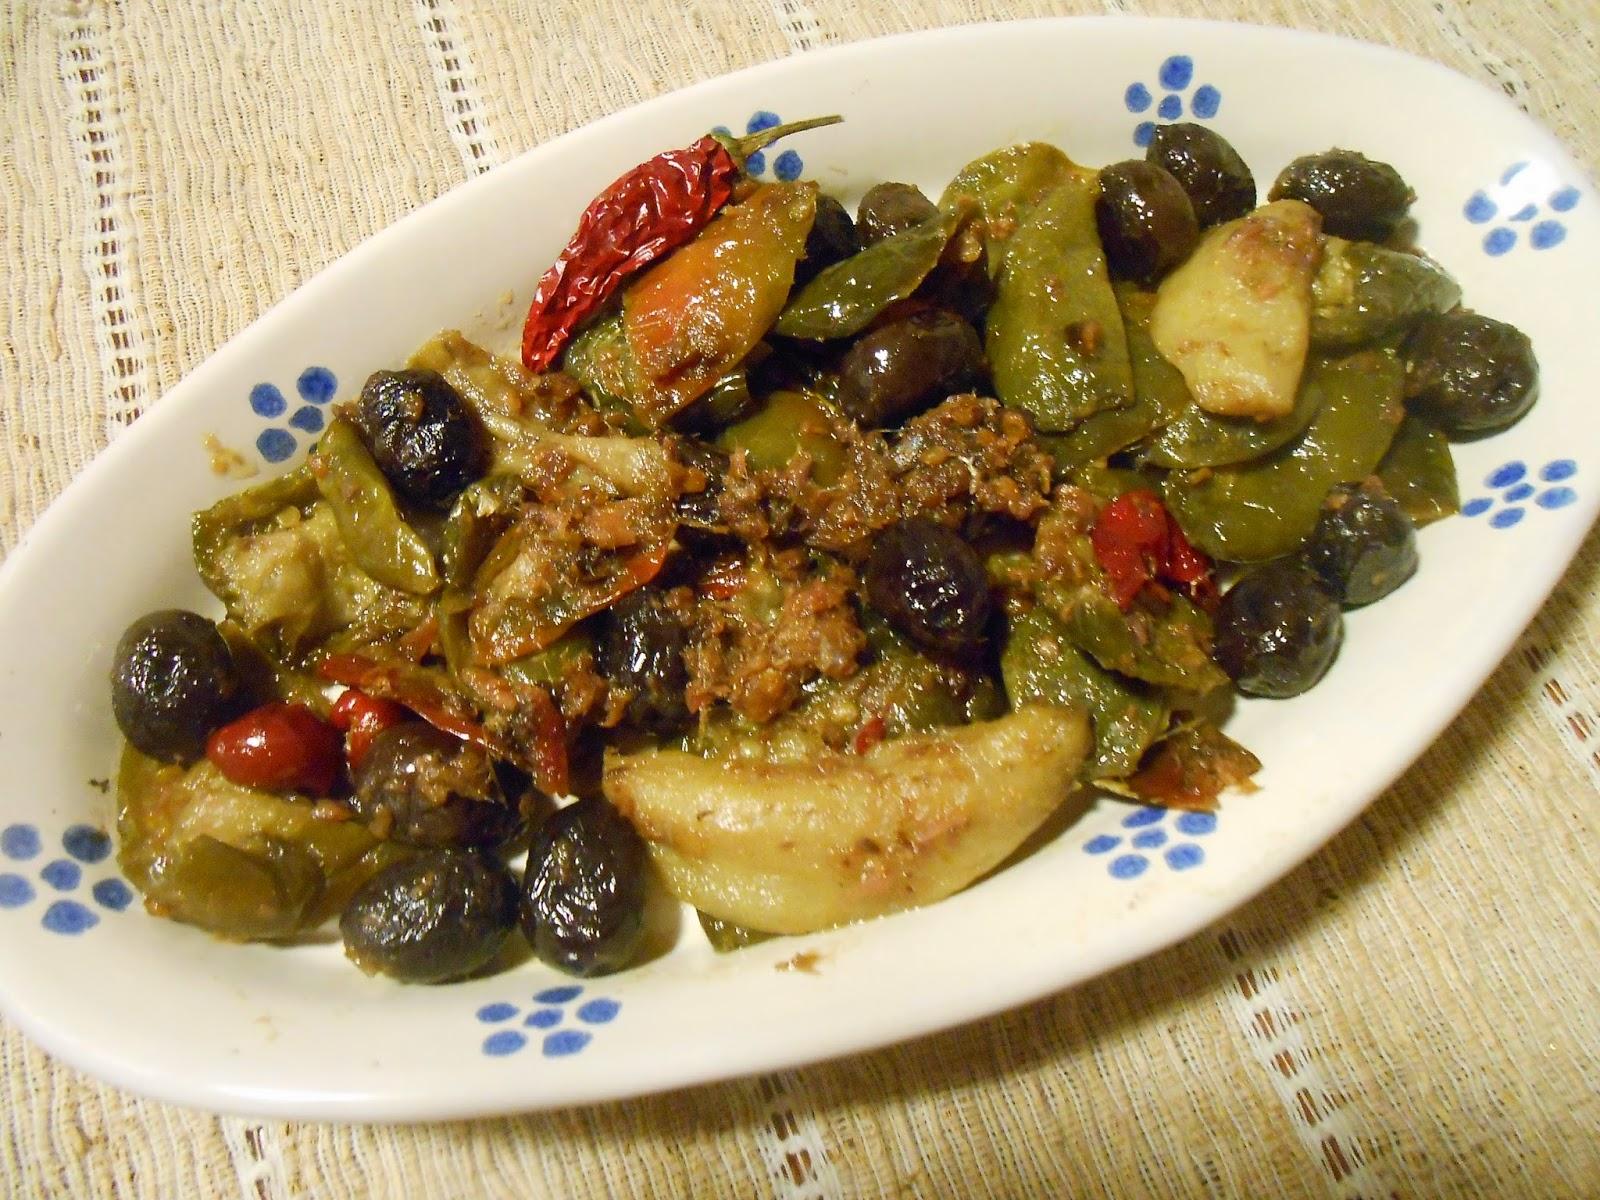 pipi salati friuti cu sardi e olivi ( peperoni sotto sale in padella con sarde e olive )